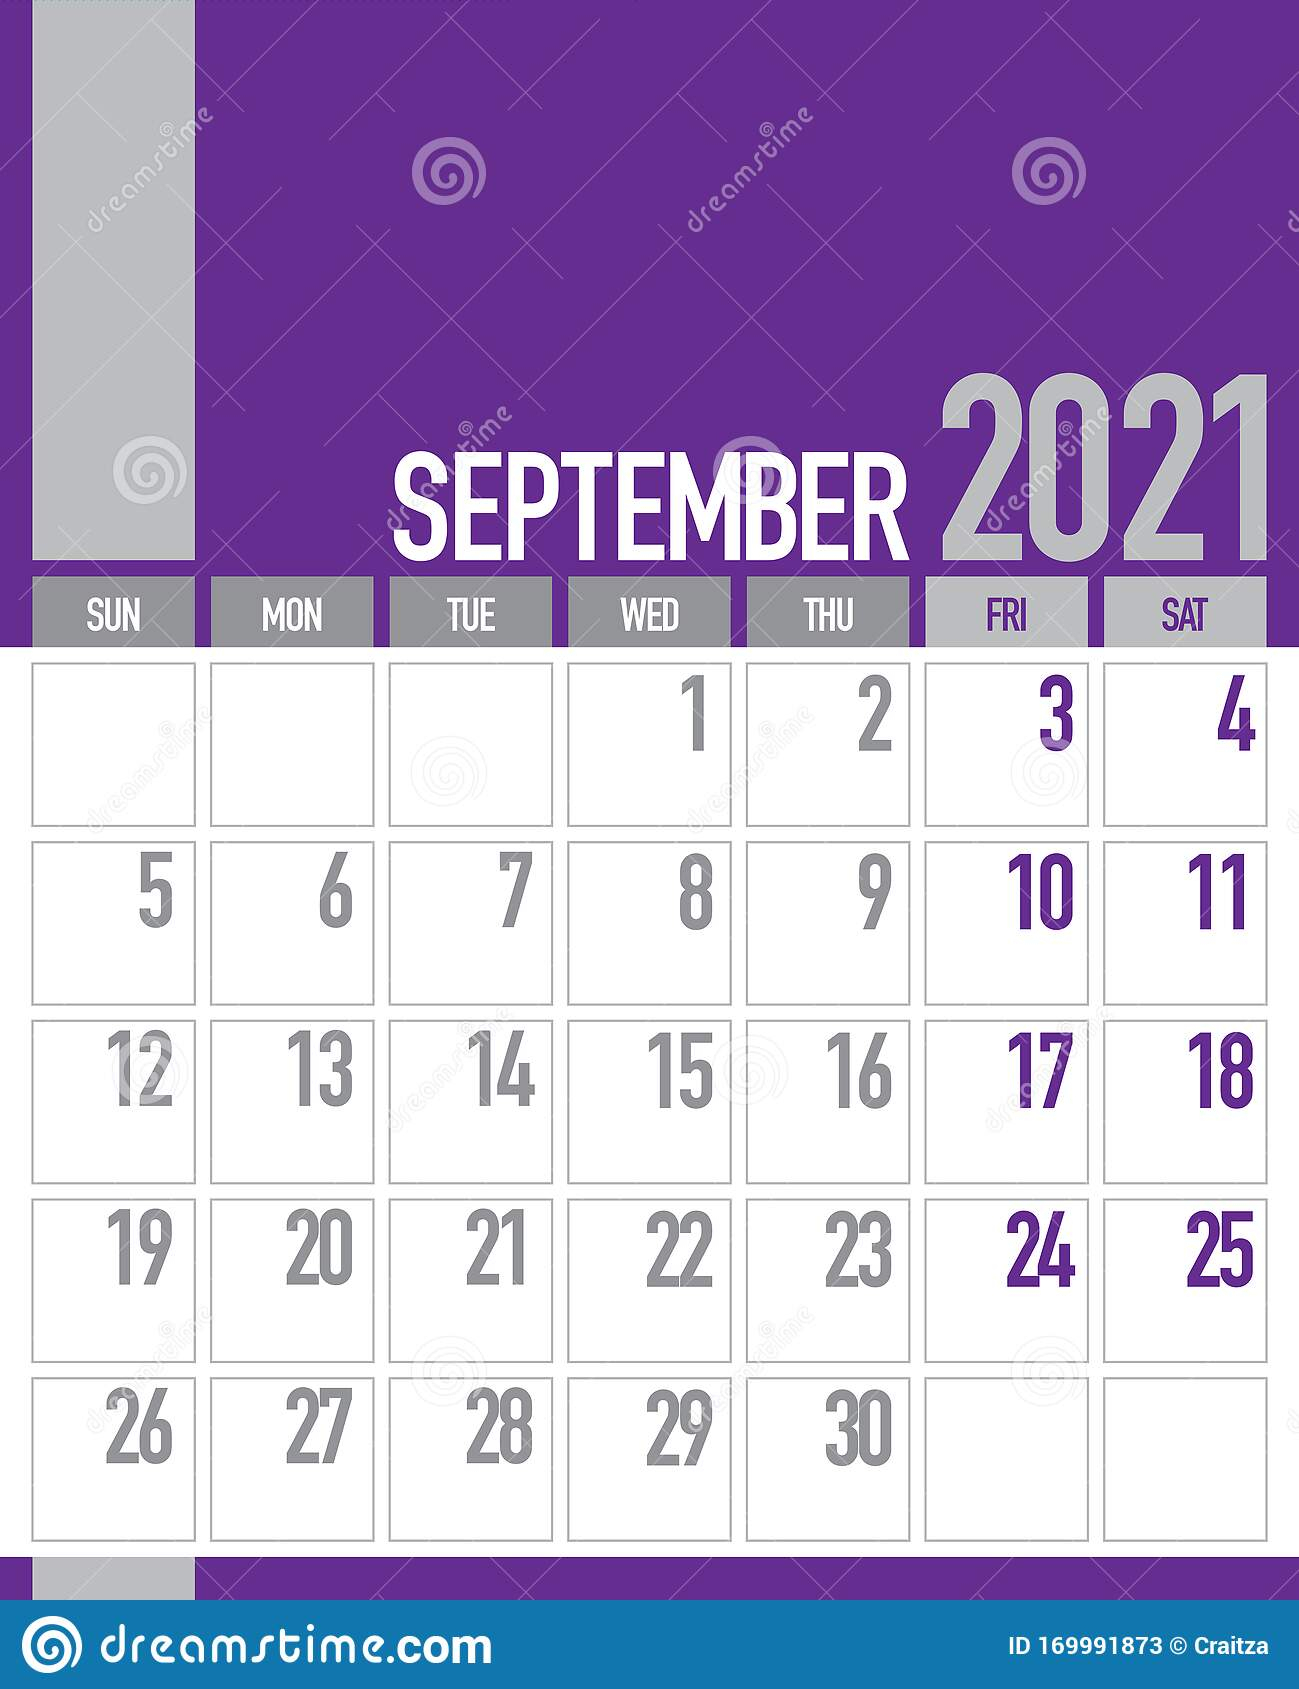 September 2021 Business Planner Calendar Stock